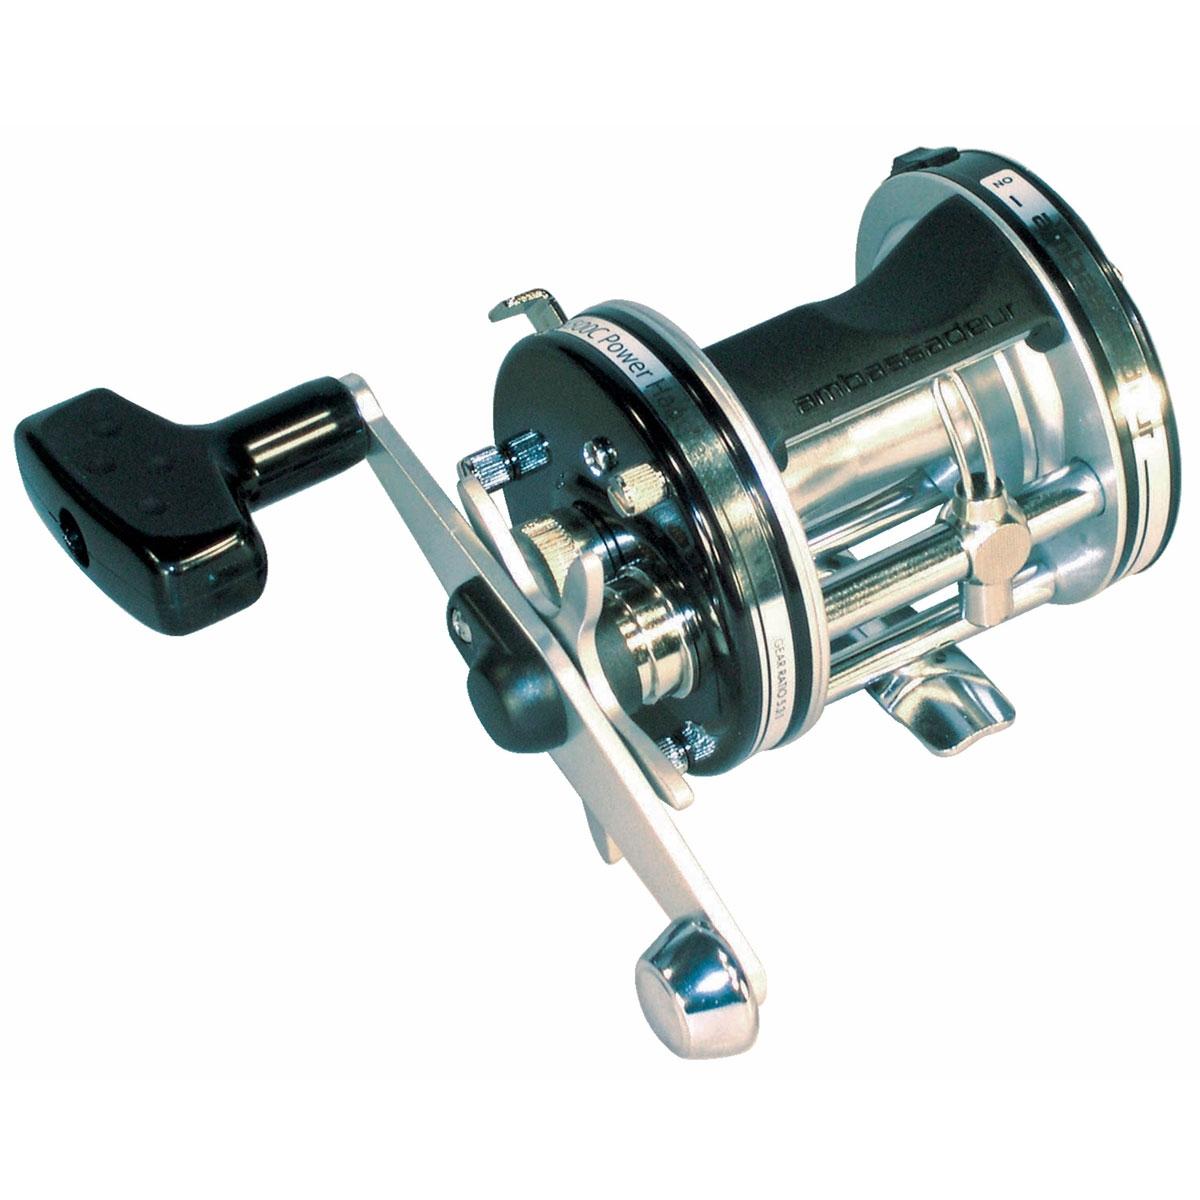 Abu garcia ambassadeur 6500c power handle multiplier reel for Ambassadeur fishing reel